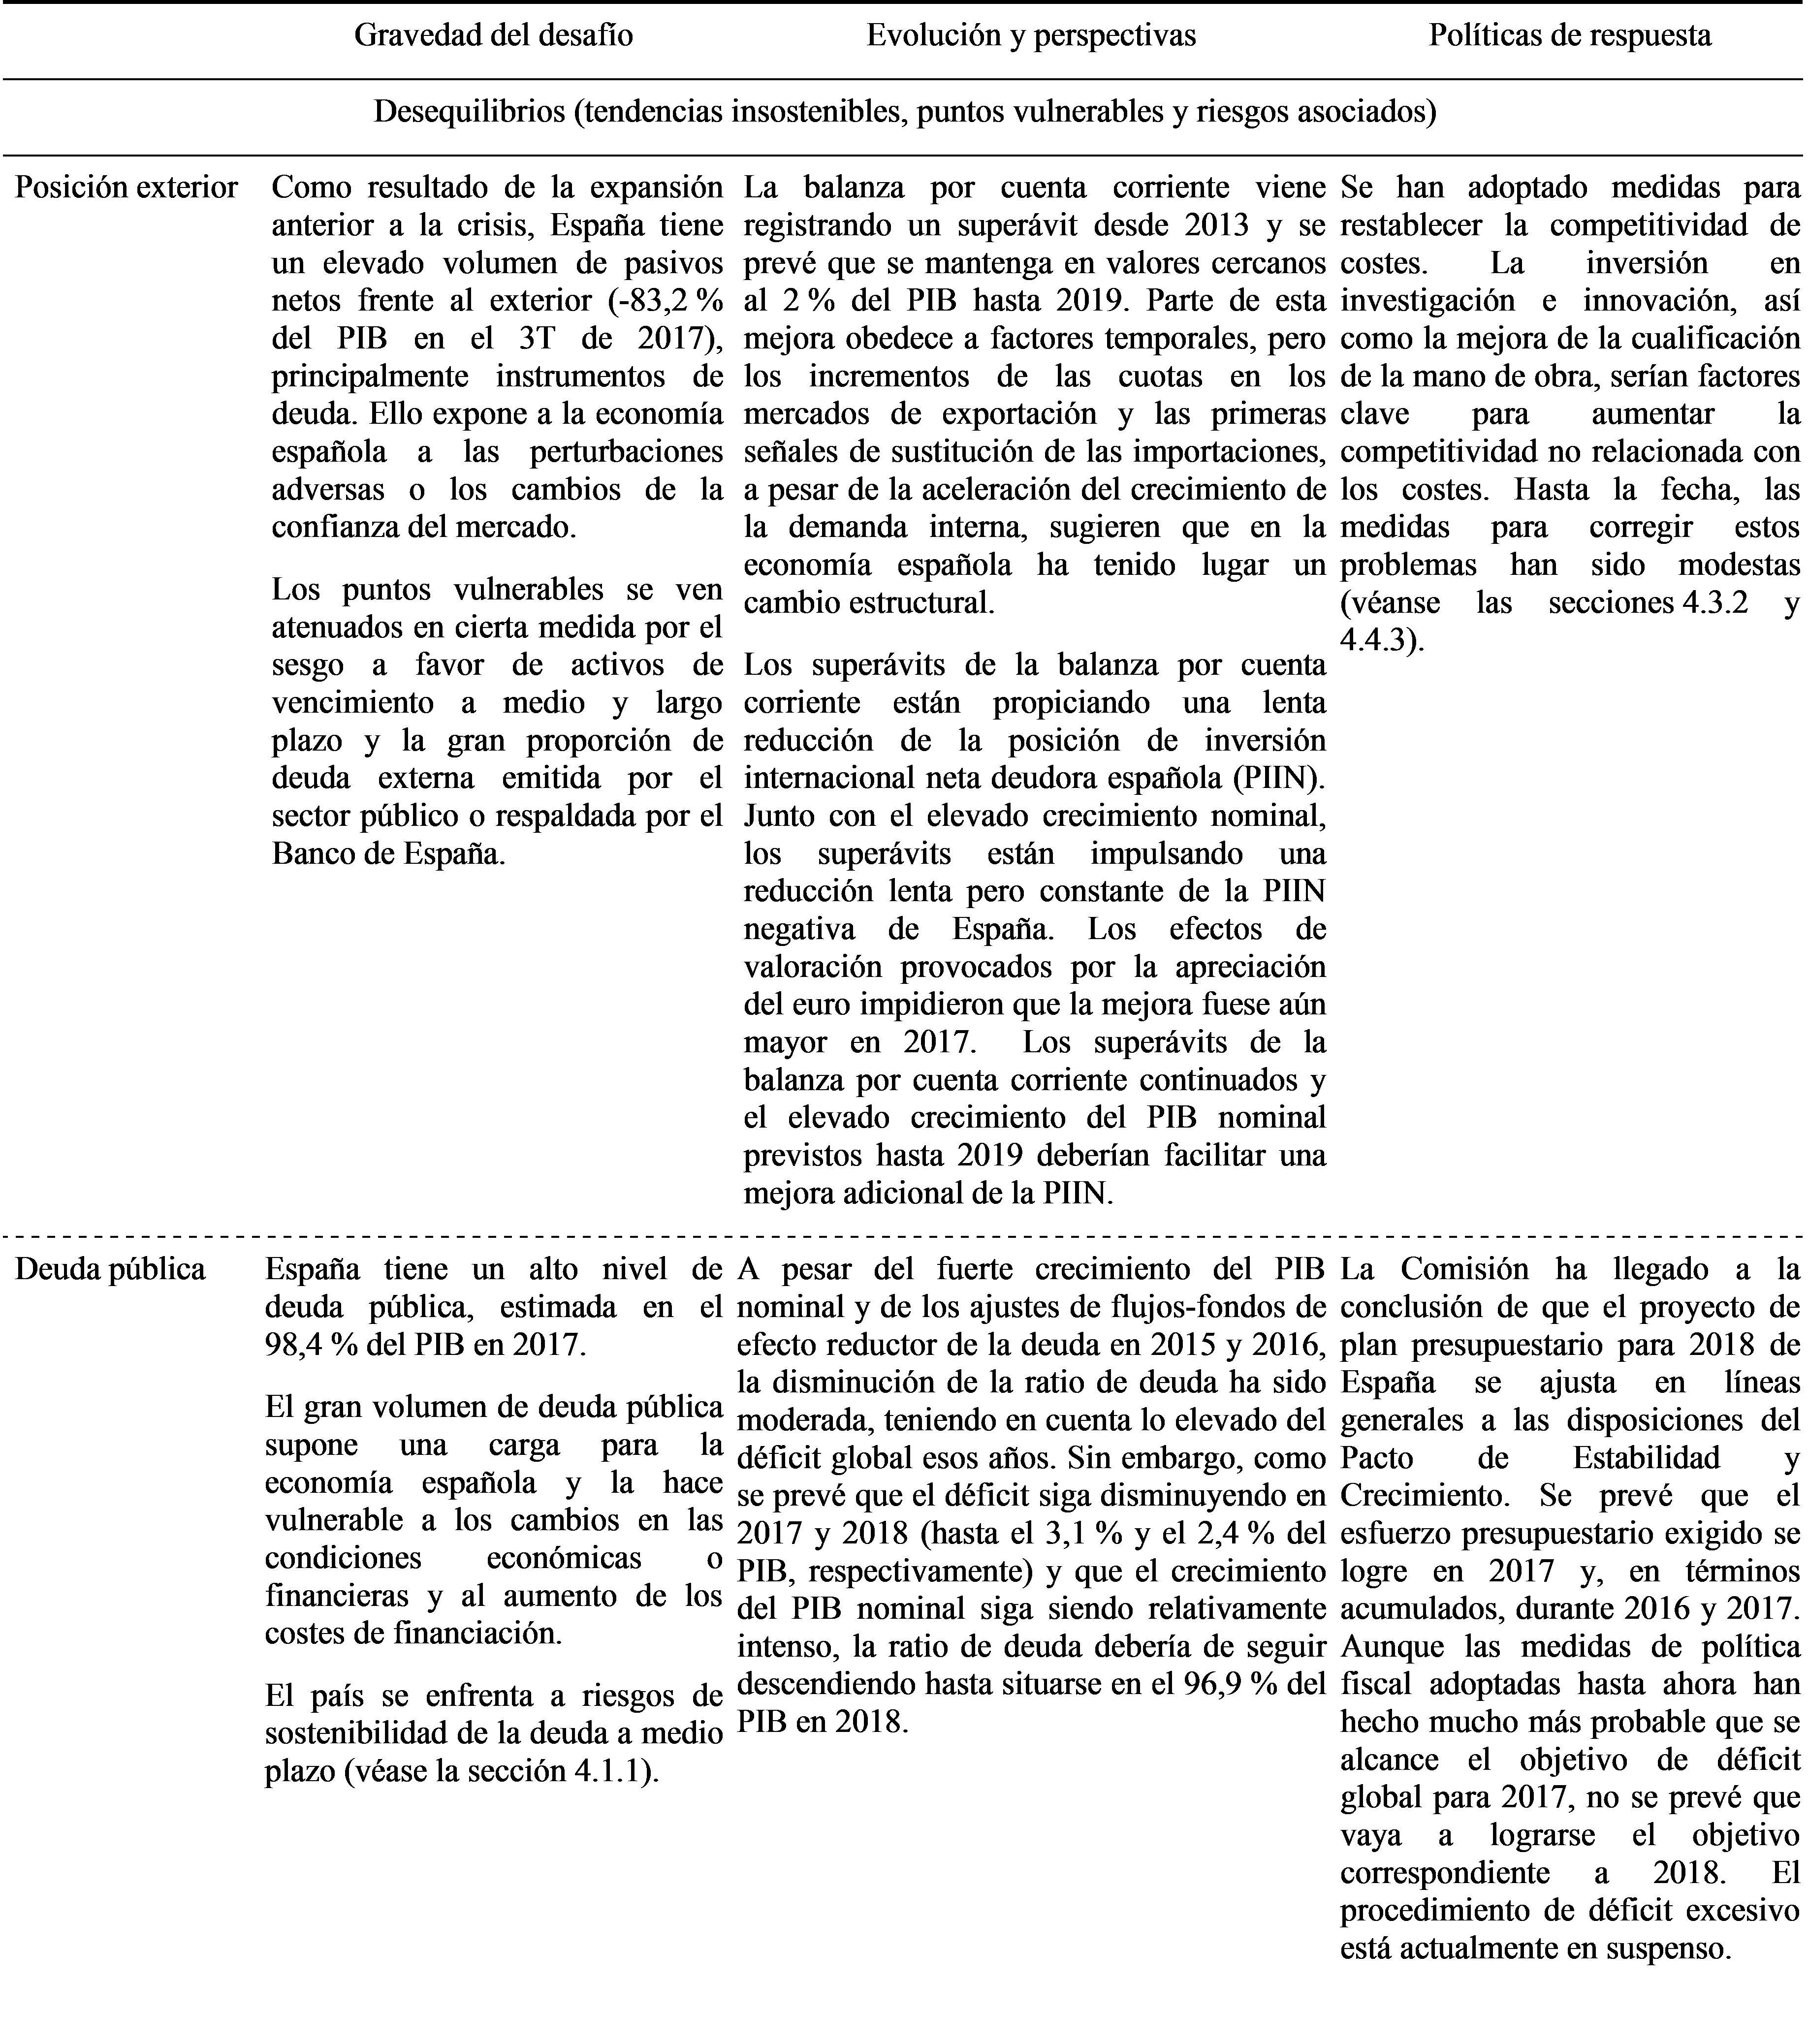 EUR-Lex - 52018SC0207 - EN - EUR-Lex